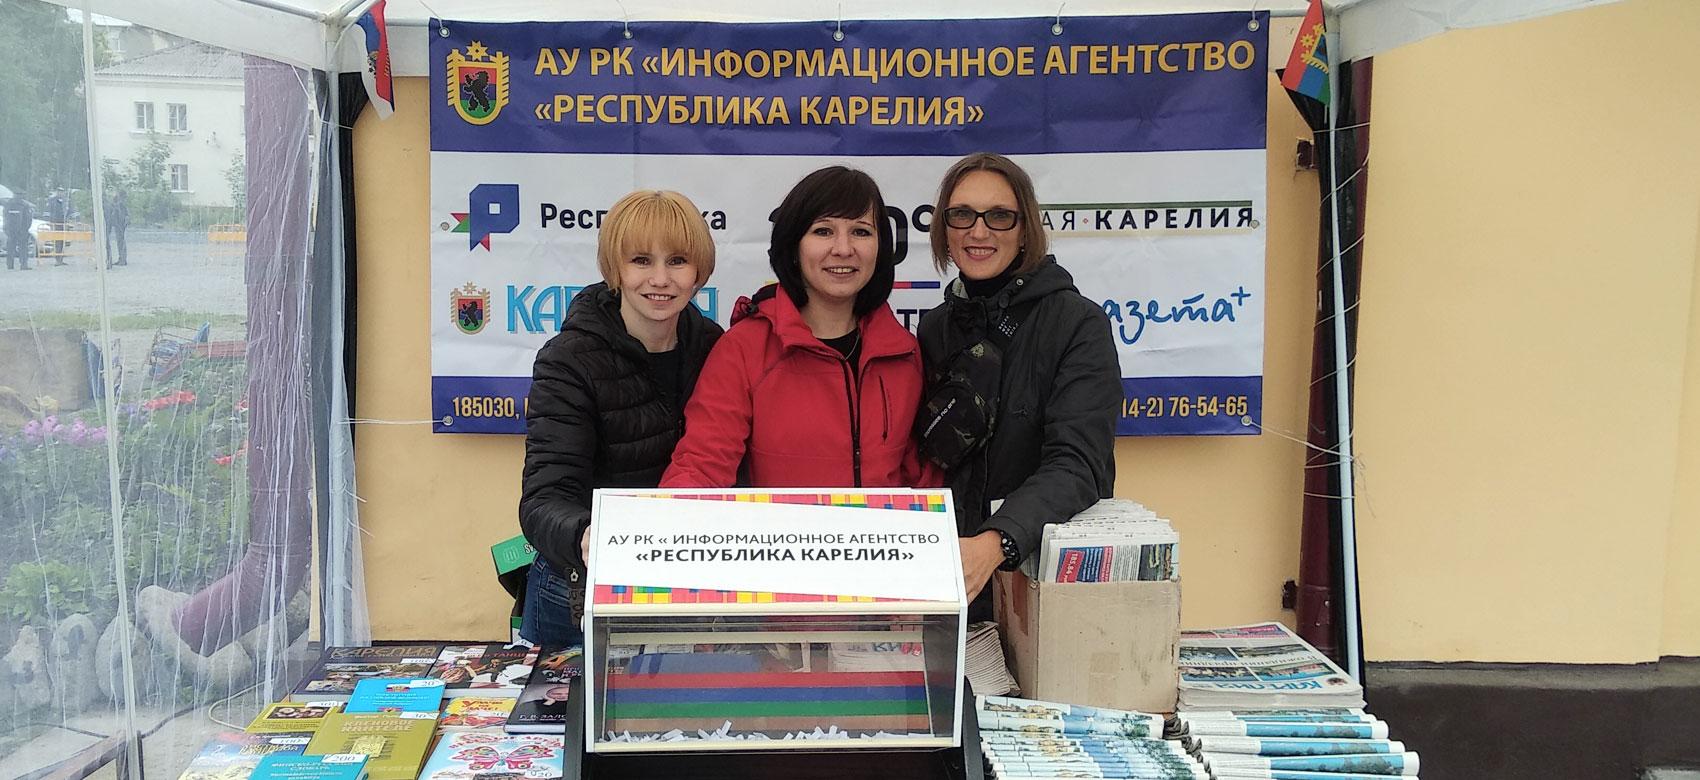 Информационное агентство «Республика Карелия» представило свою продукцию на Дне Республики 7 июля 2018 года в городе Беломорске